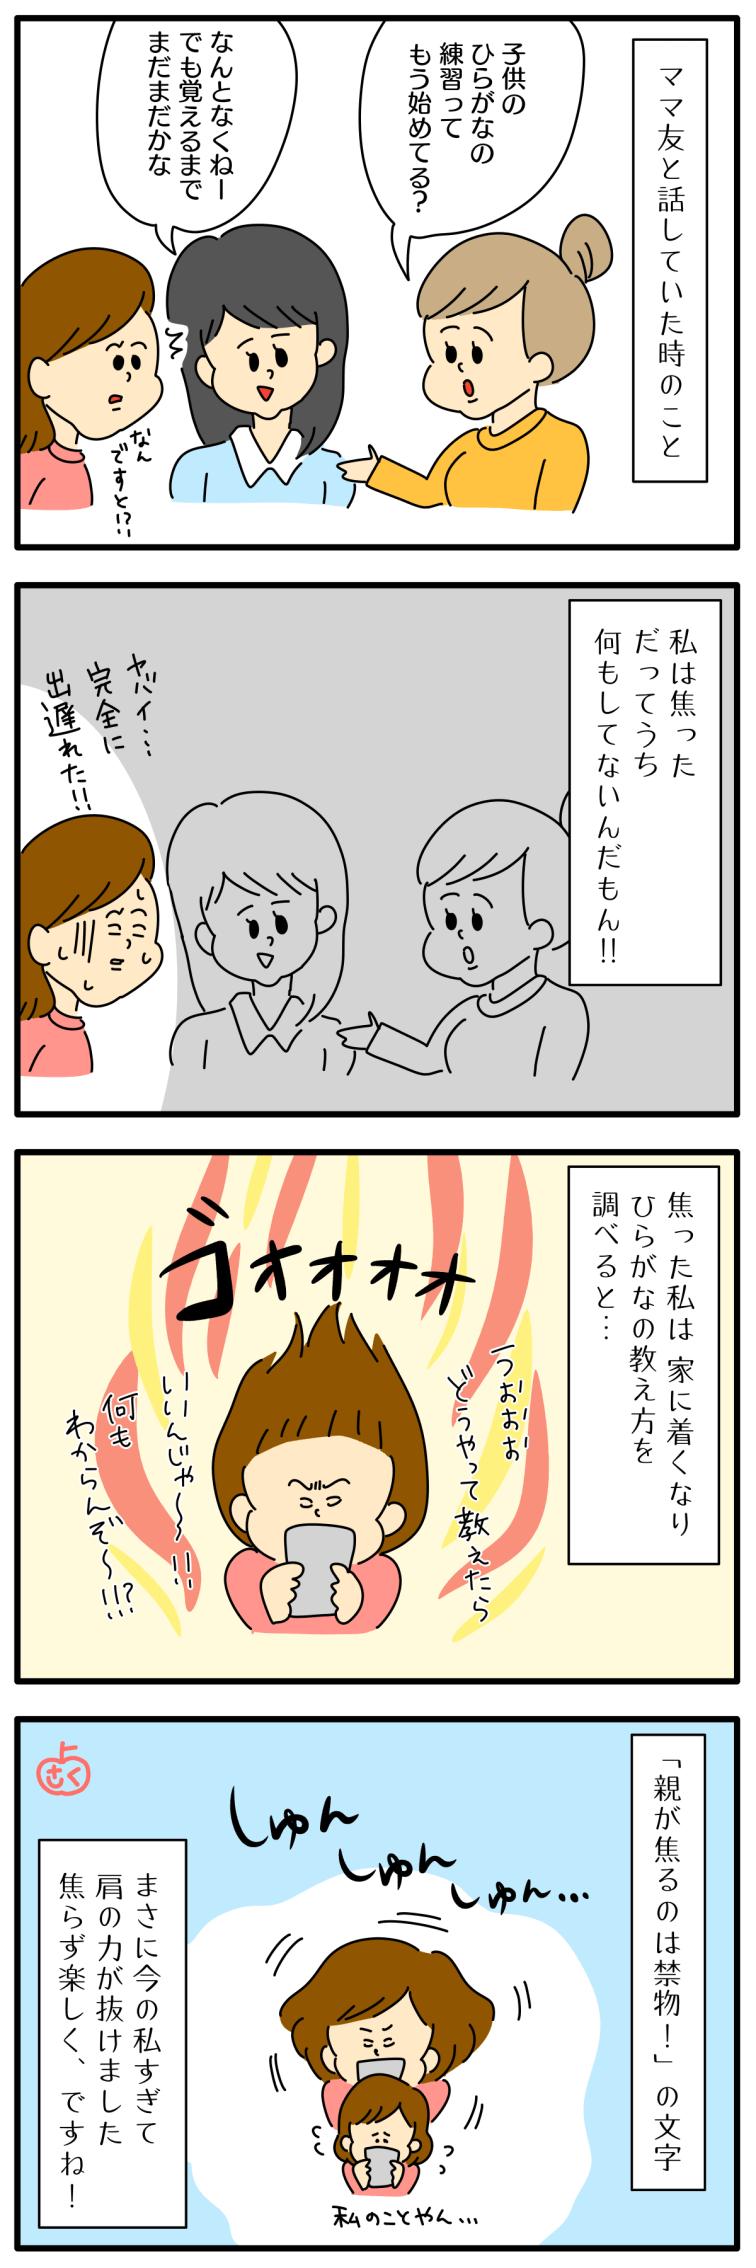 3歳の反抗期についての永岡さくら(saku)子育て4コマ漫画